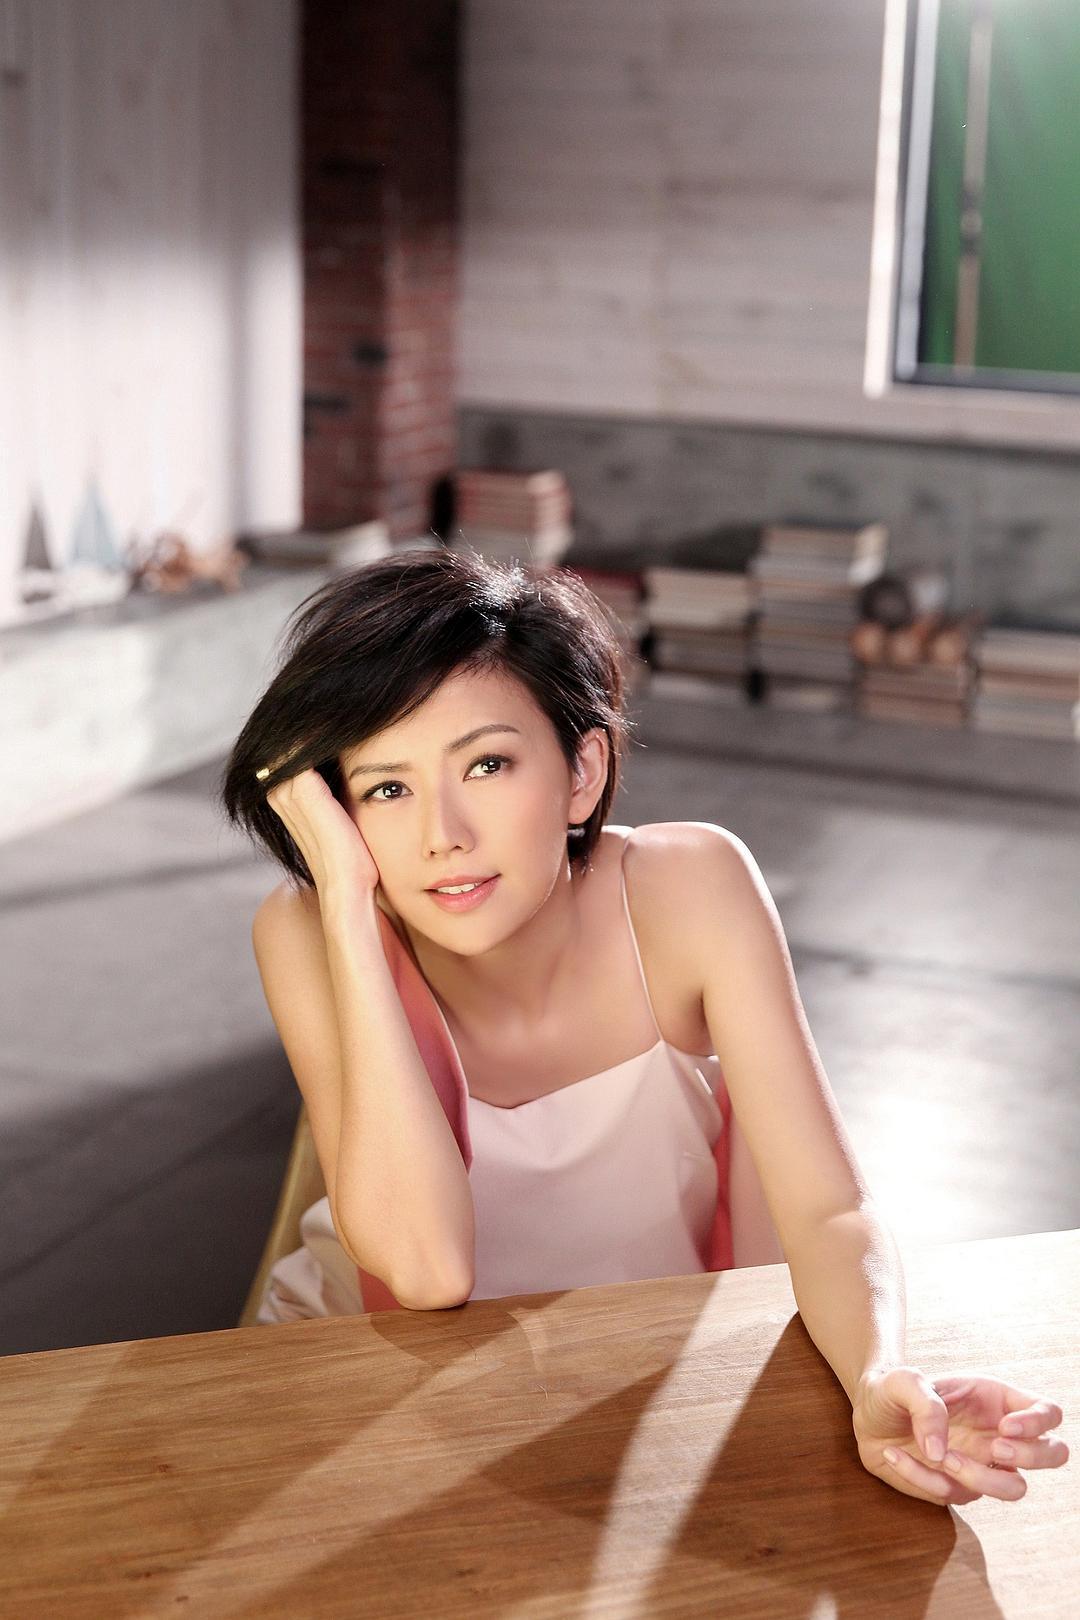 孙燕姿的歌合集【全部17专辑39CD 无损FLAC+MP3】百度云下载